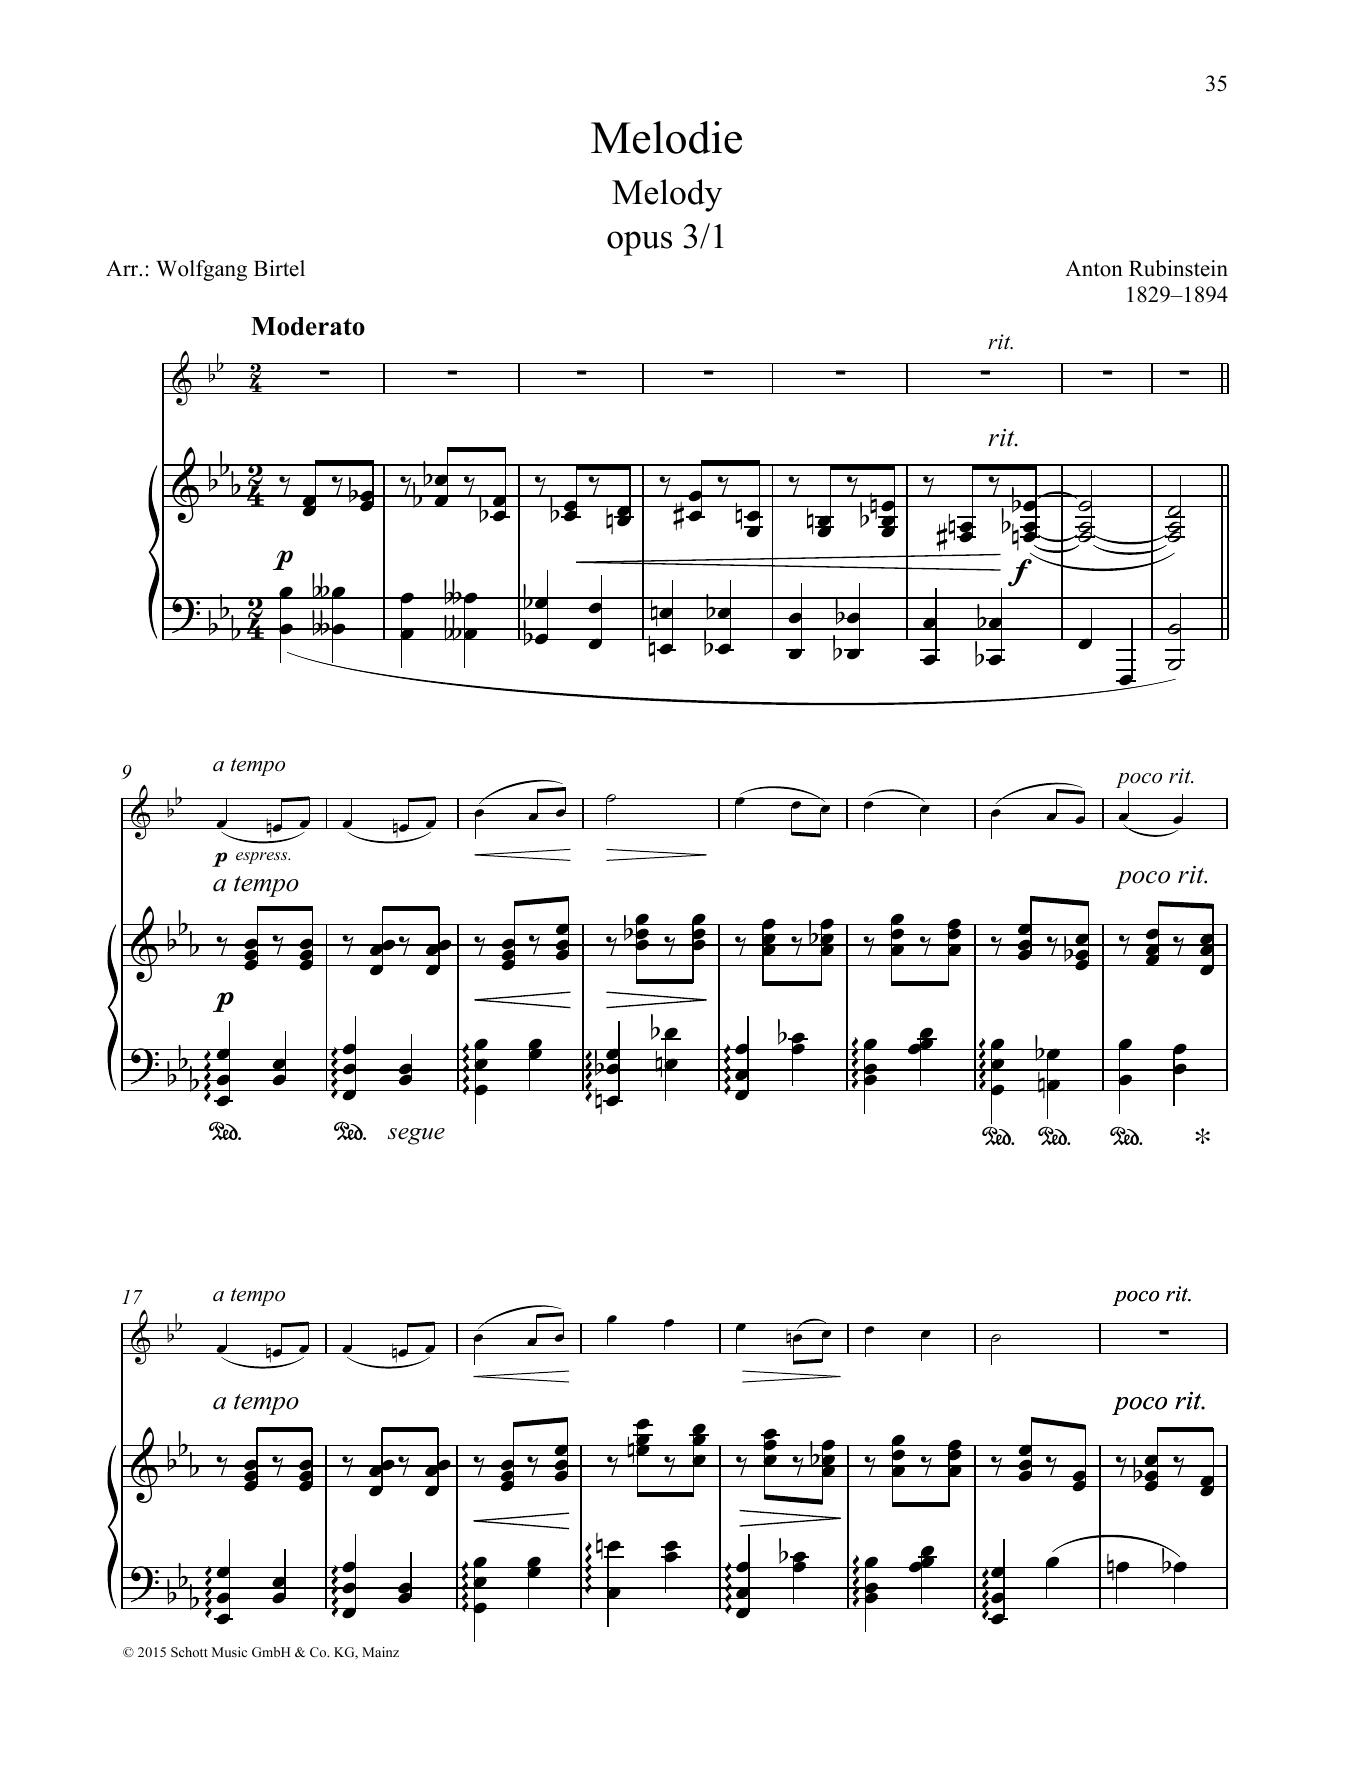 Melody Digitale Noten